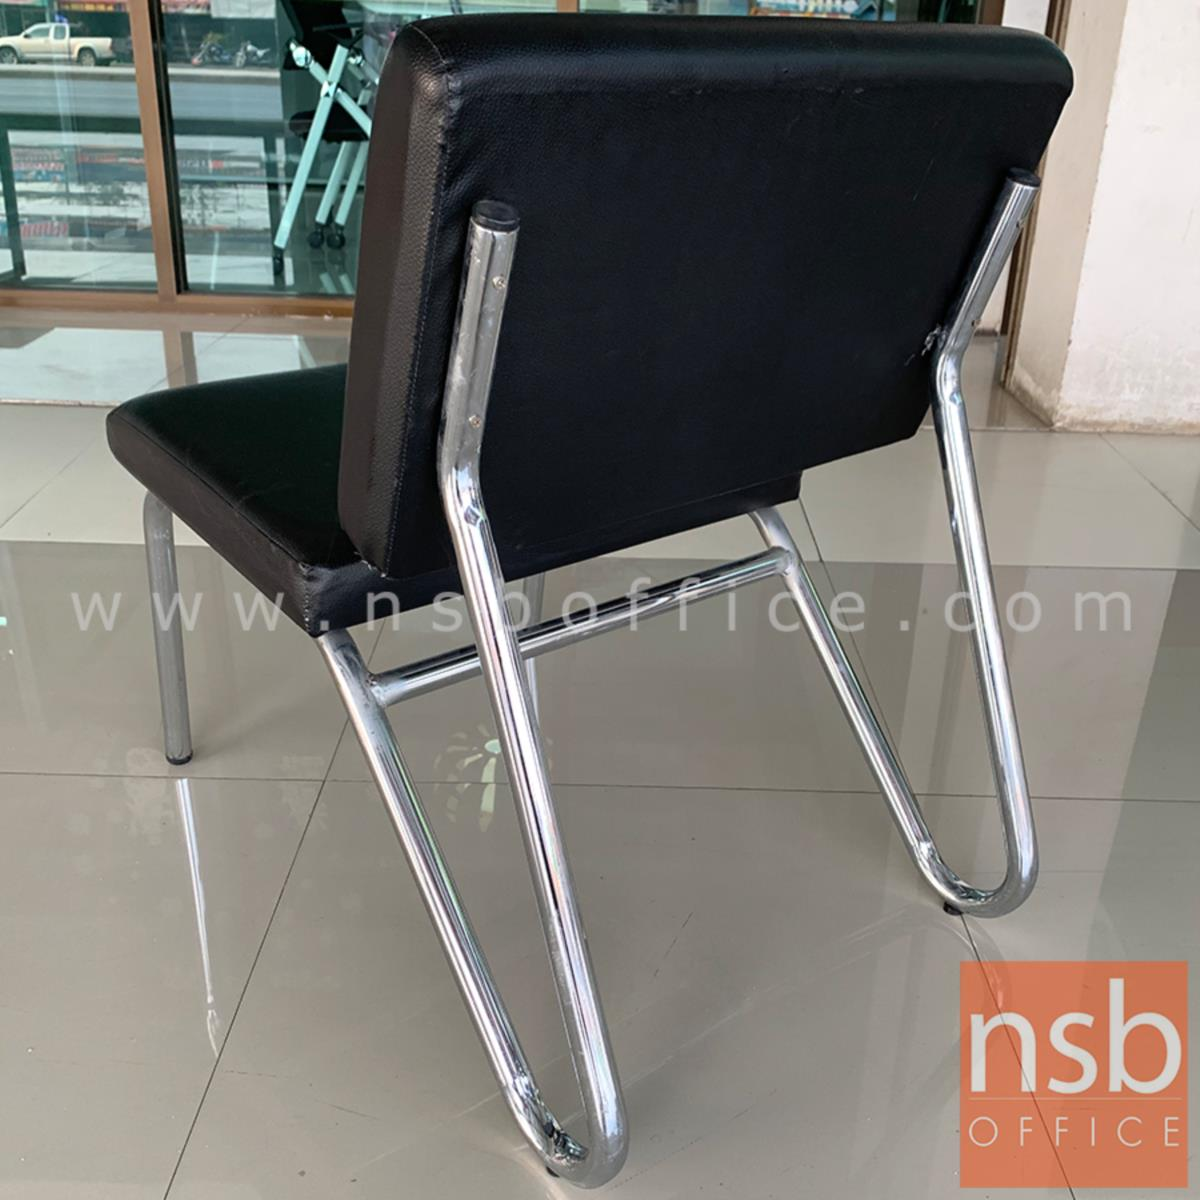 เก้าอี้ตัวเดี่ยวหนังเทียม  รุ่น Valiente (วาเลียนเต) ขนาด 50W cm. โครงเหล็กชุบโครเมี่ยม